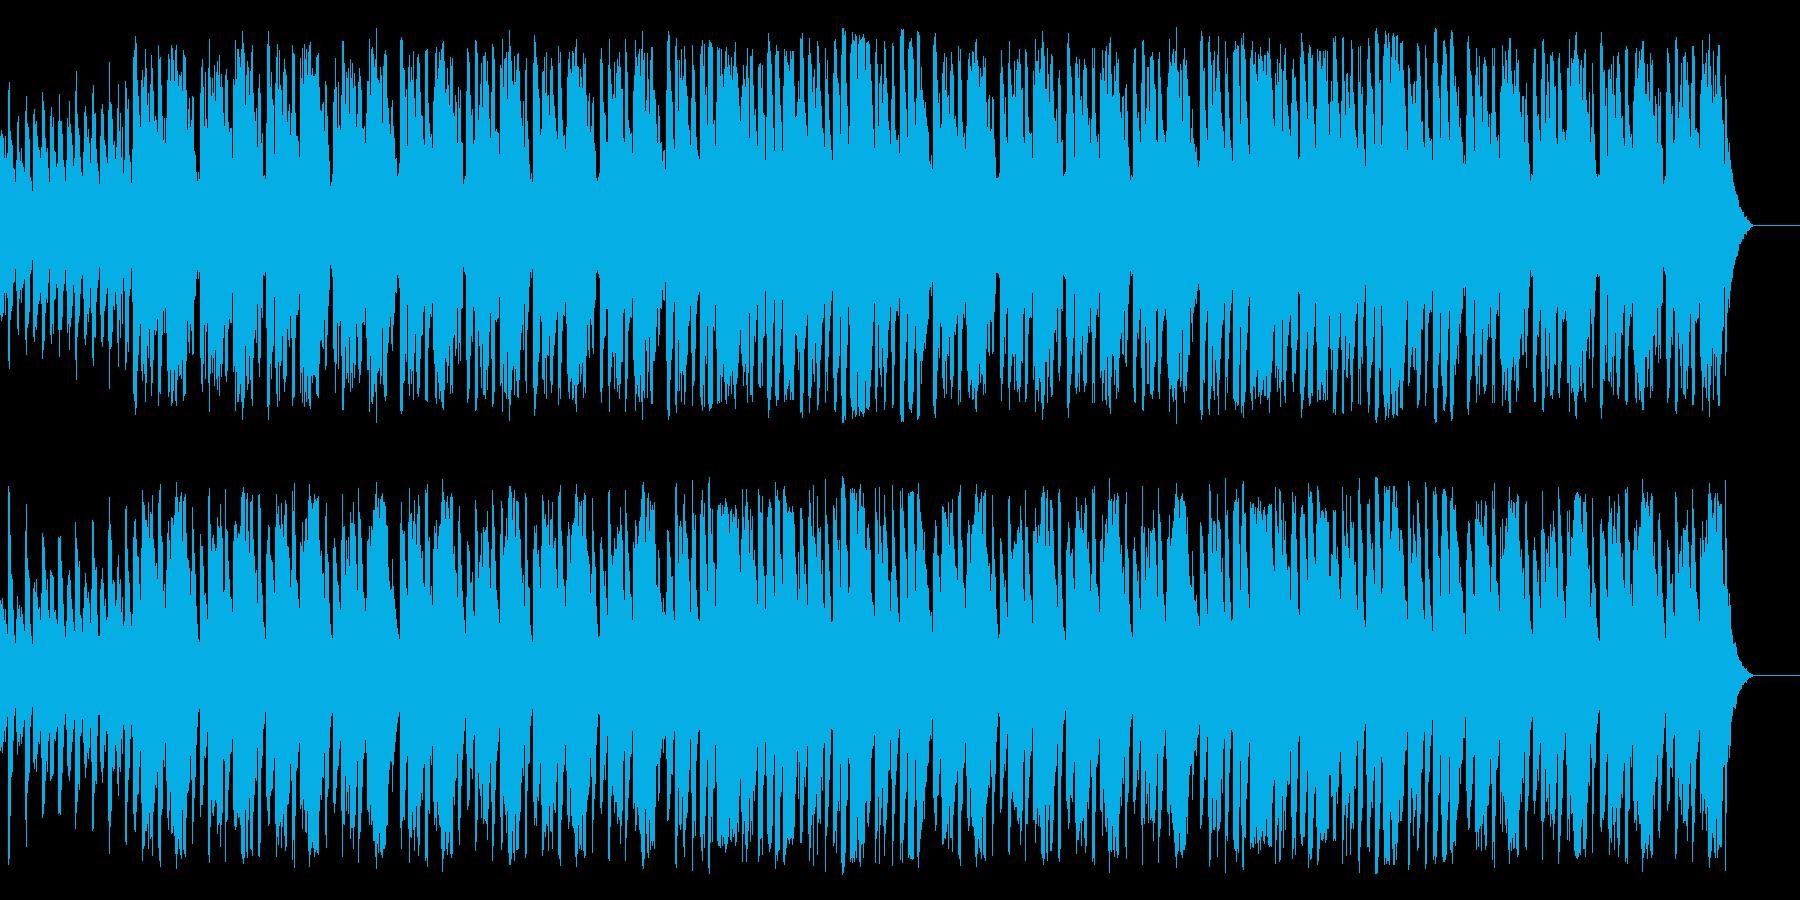 ほんわかした雰囲気の合奏曲の再生済みの波形